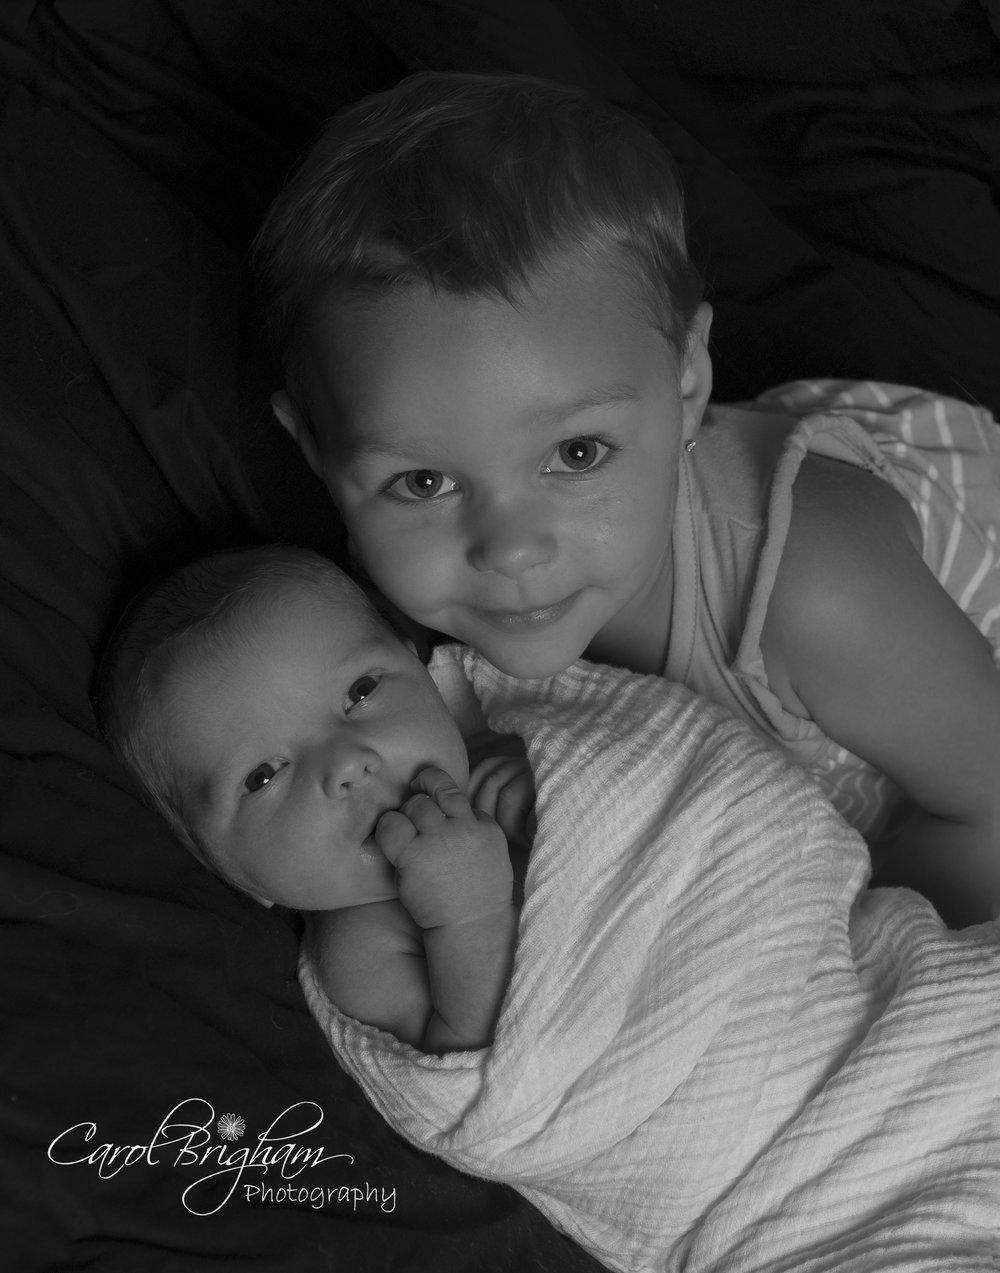 Carol-Brigham-Photography-_R9A4316-Edit-.jpg